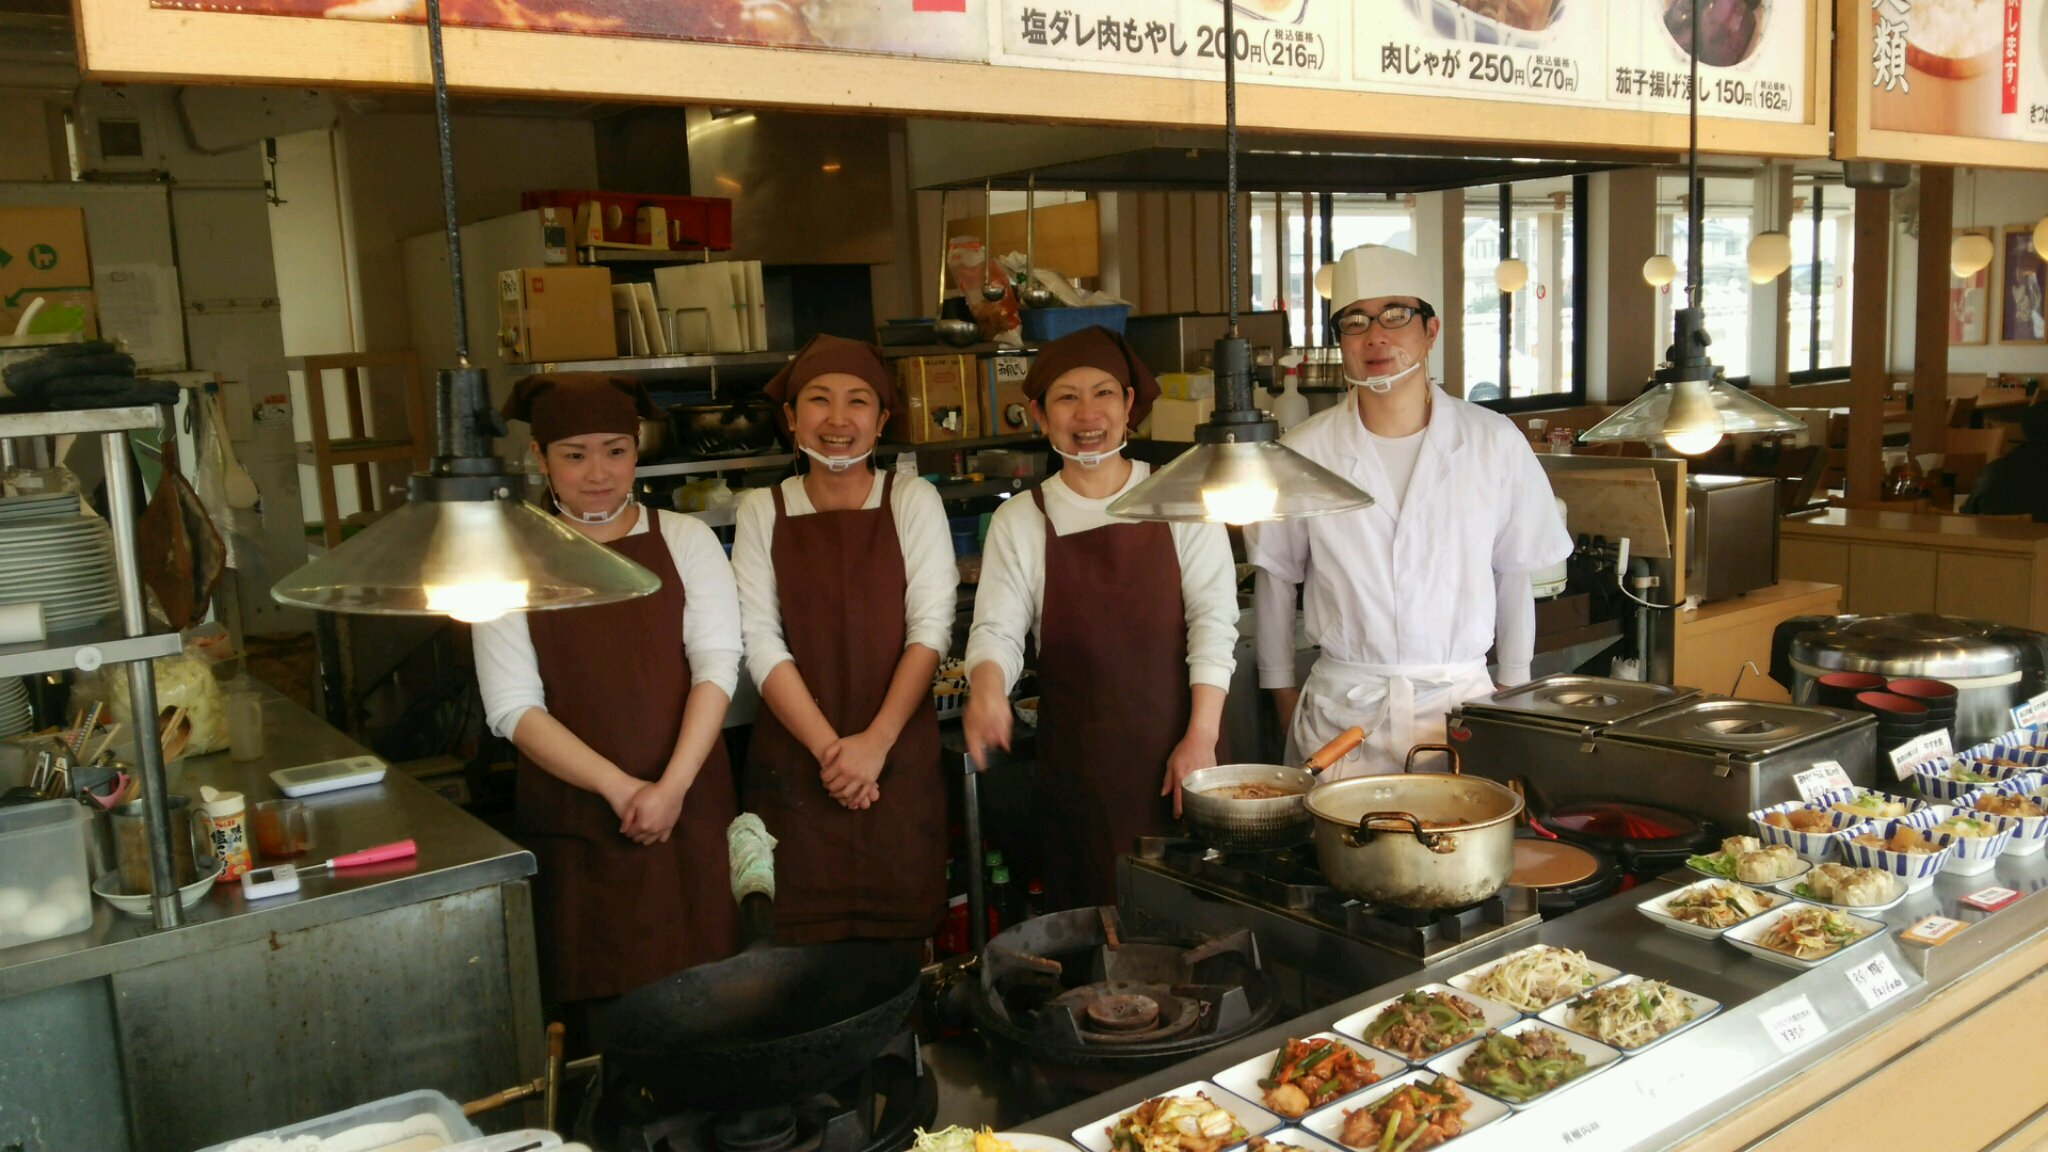 まいどおおきに食堂広島高陽食堂